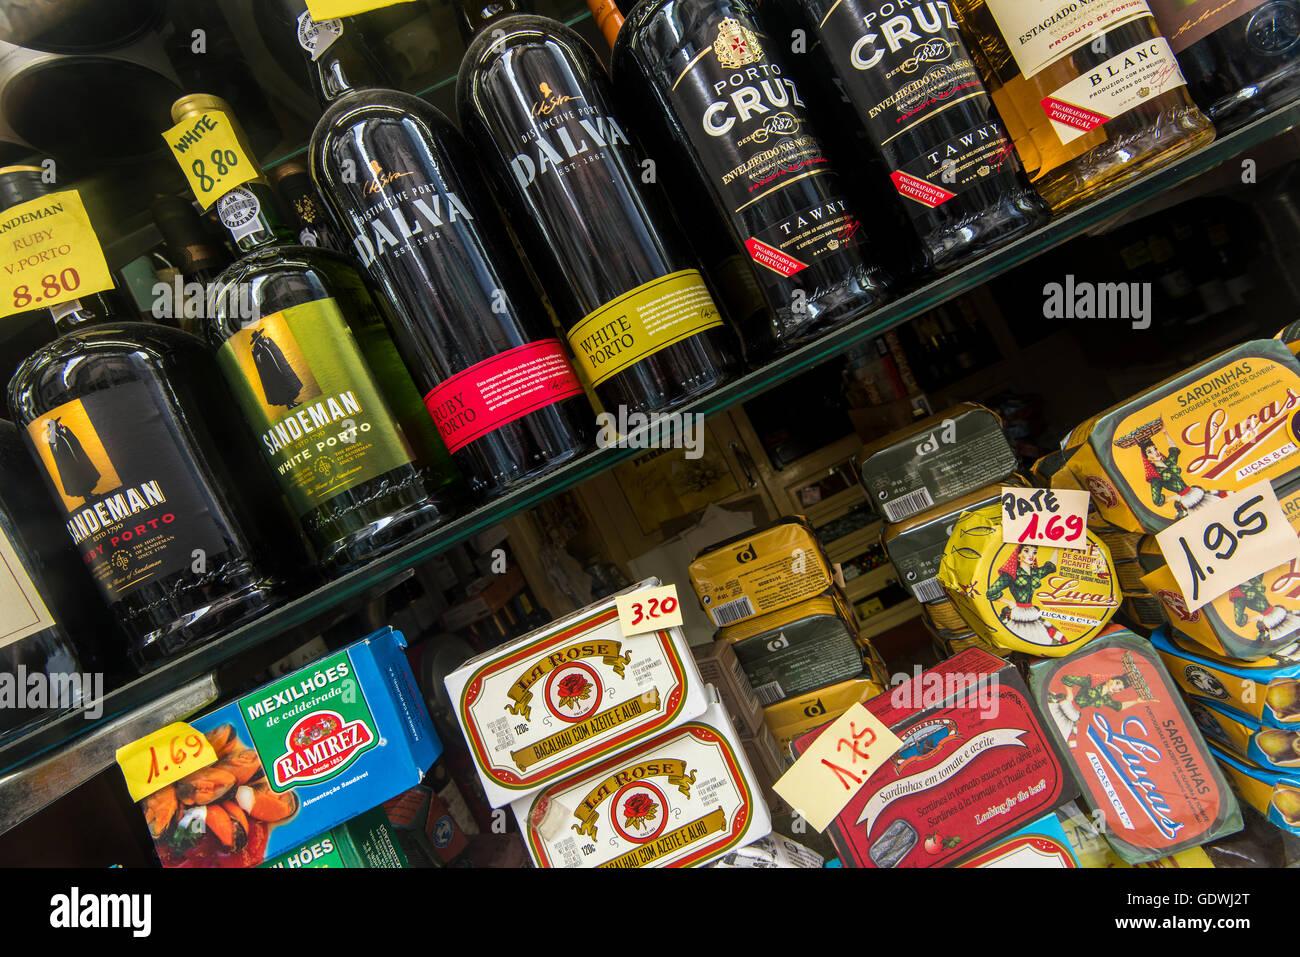 Flaschen Portwein und eher typisch portugiesische Produkte zum Verkauf in einem Lebensmittelgeschäft, Porto, Stockbild